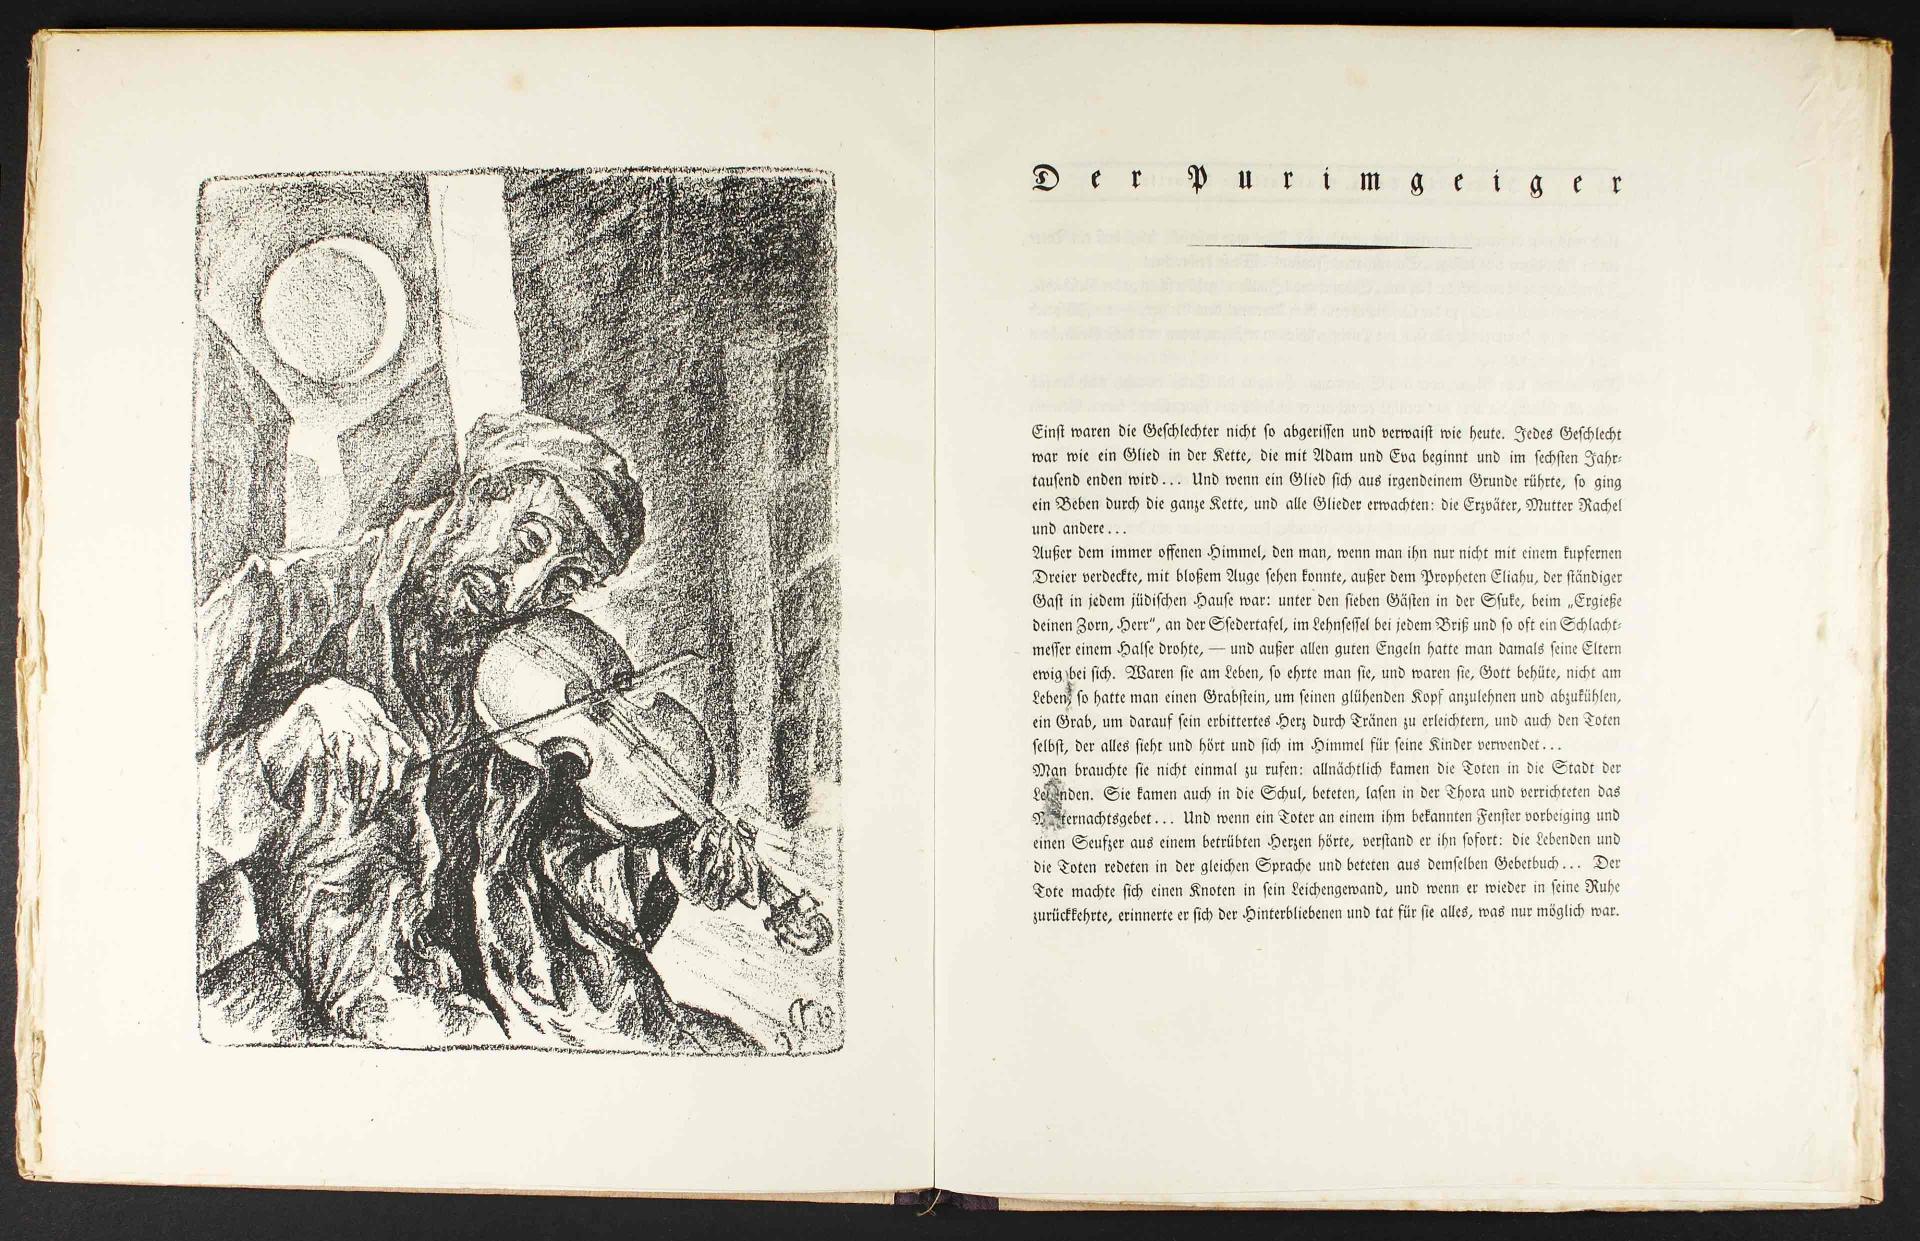 Aufgeschlagenes Buch mit einer Textseite und einer Schwarz-Weiß-Lithografie eines Geigers